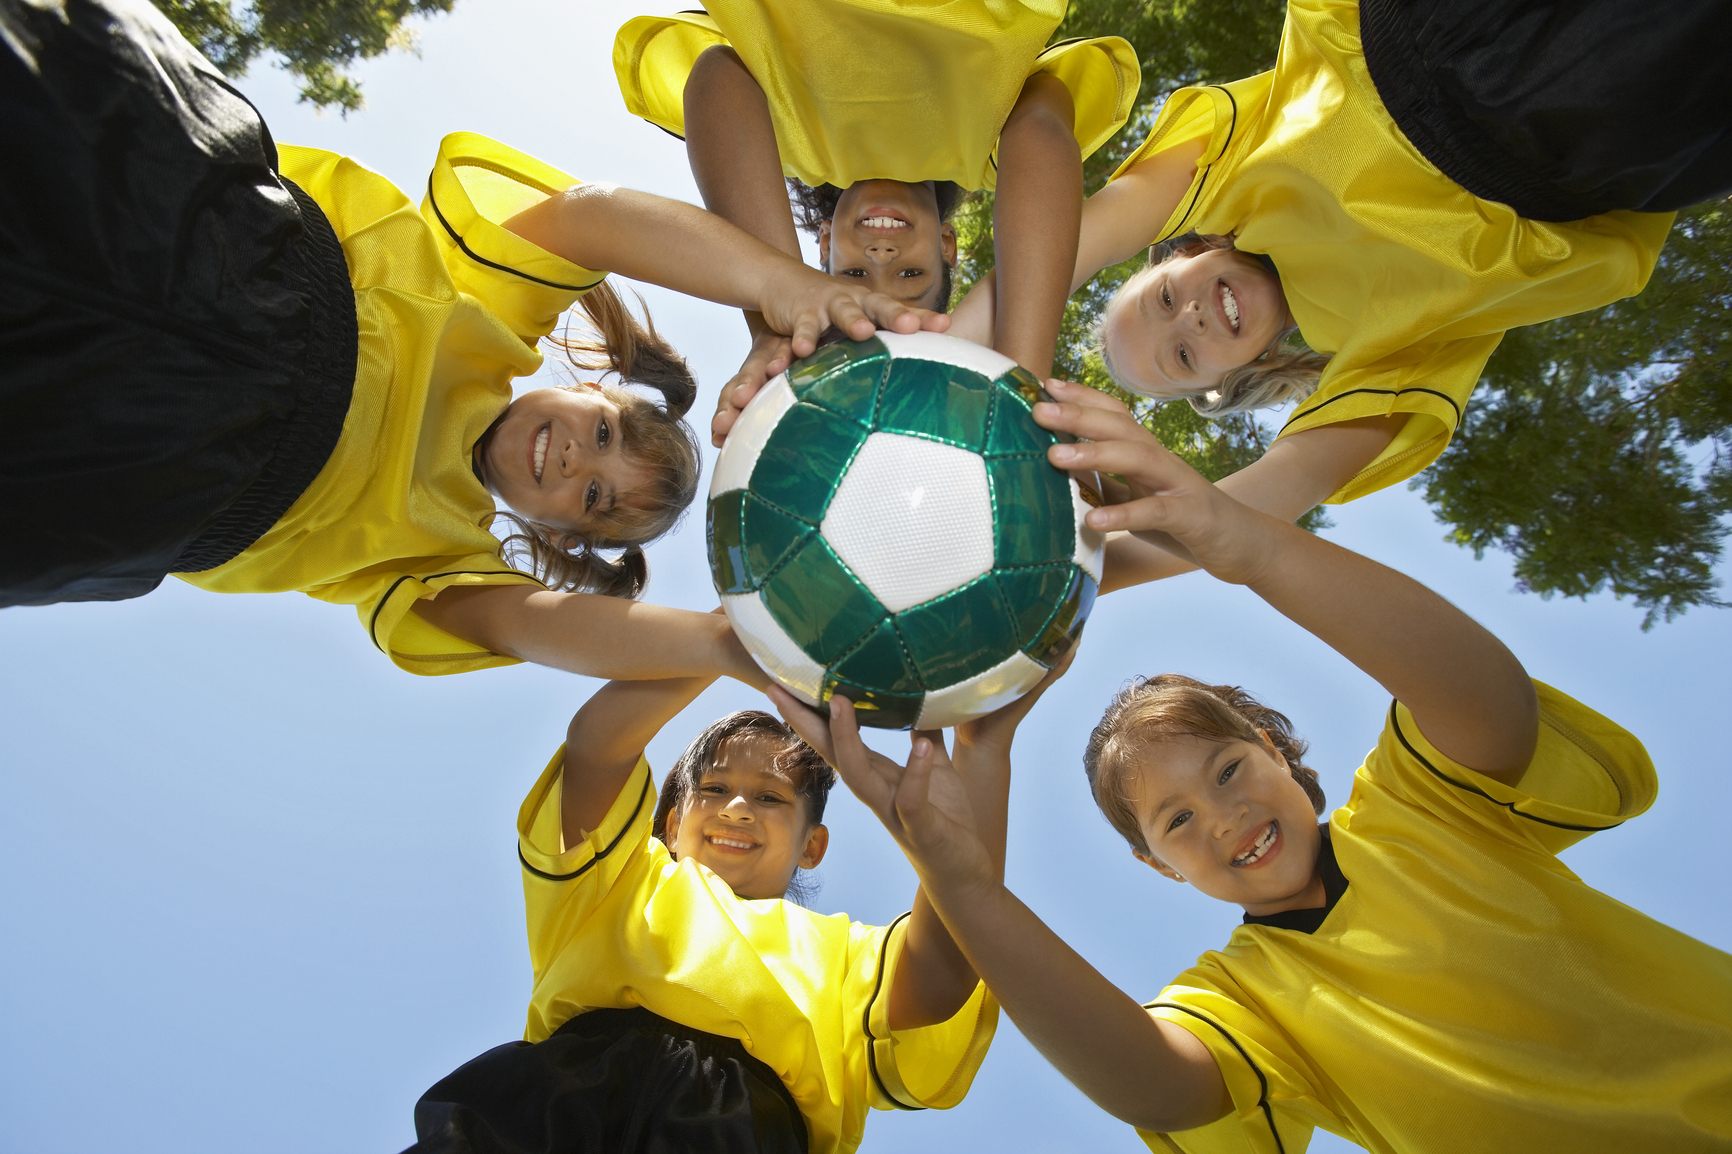 Teenage Football Team Holding Football